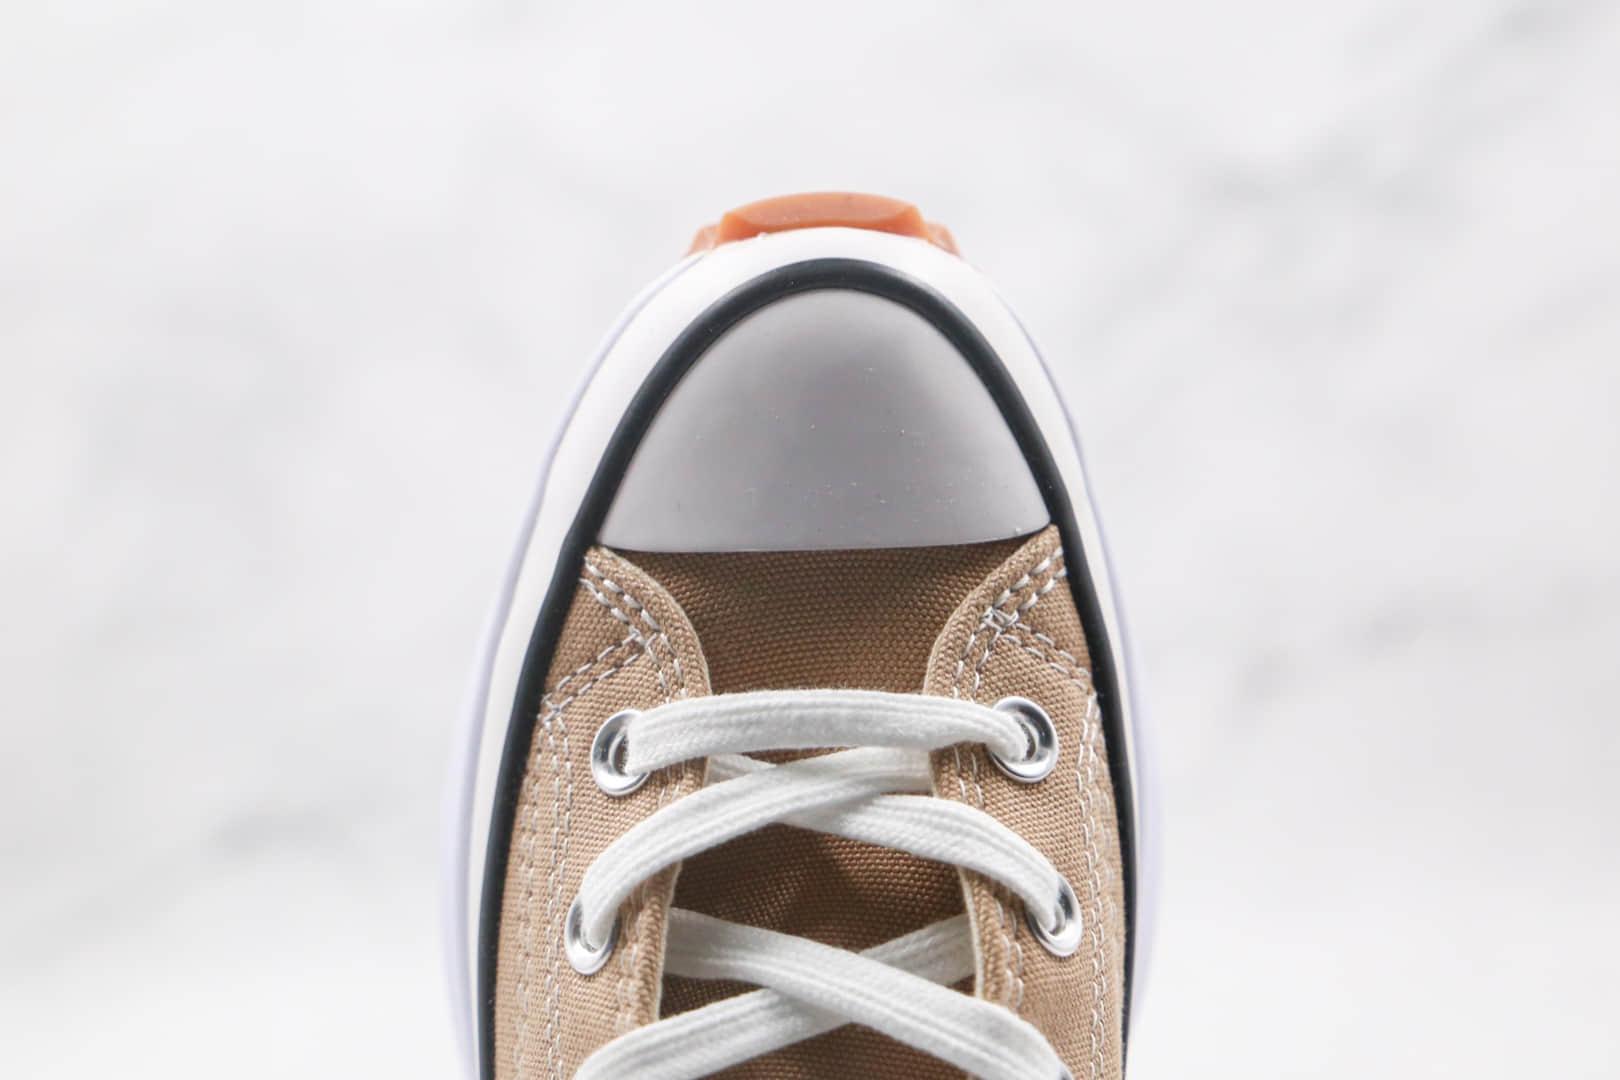 匡威Converse Run Star Hike1970S公司级版本高帮松糕锯齿奶茶色厚底帆布鞋原楦头纸板打造 货号:166802C